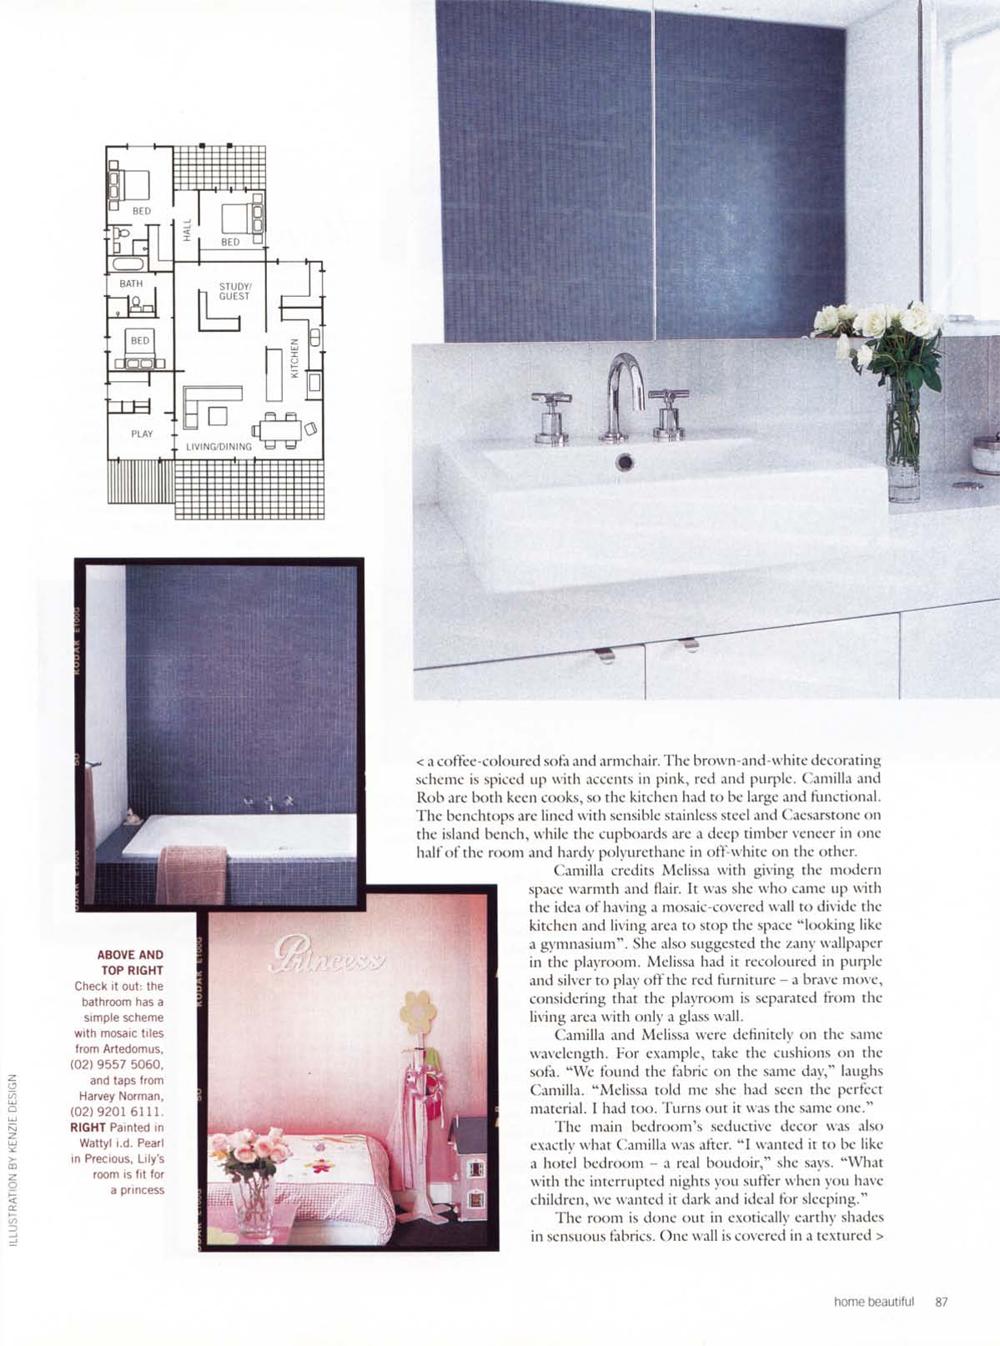 Home_Beautiful_June04_article1-7.jpg